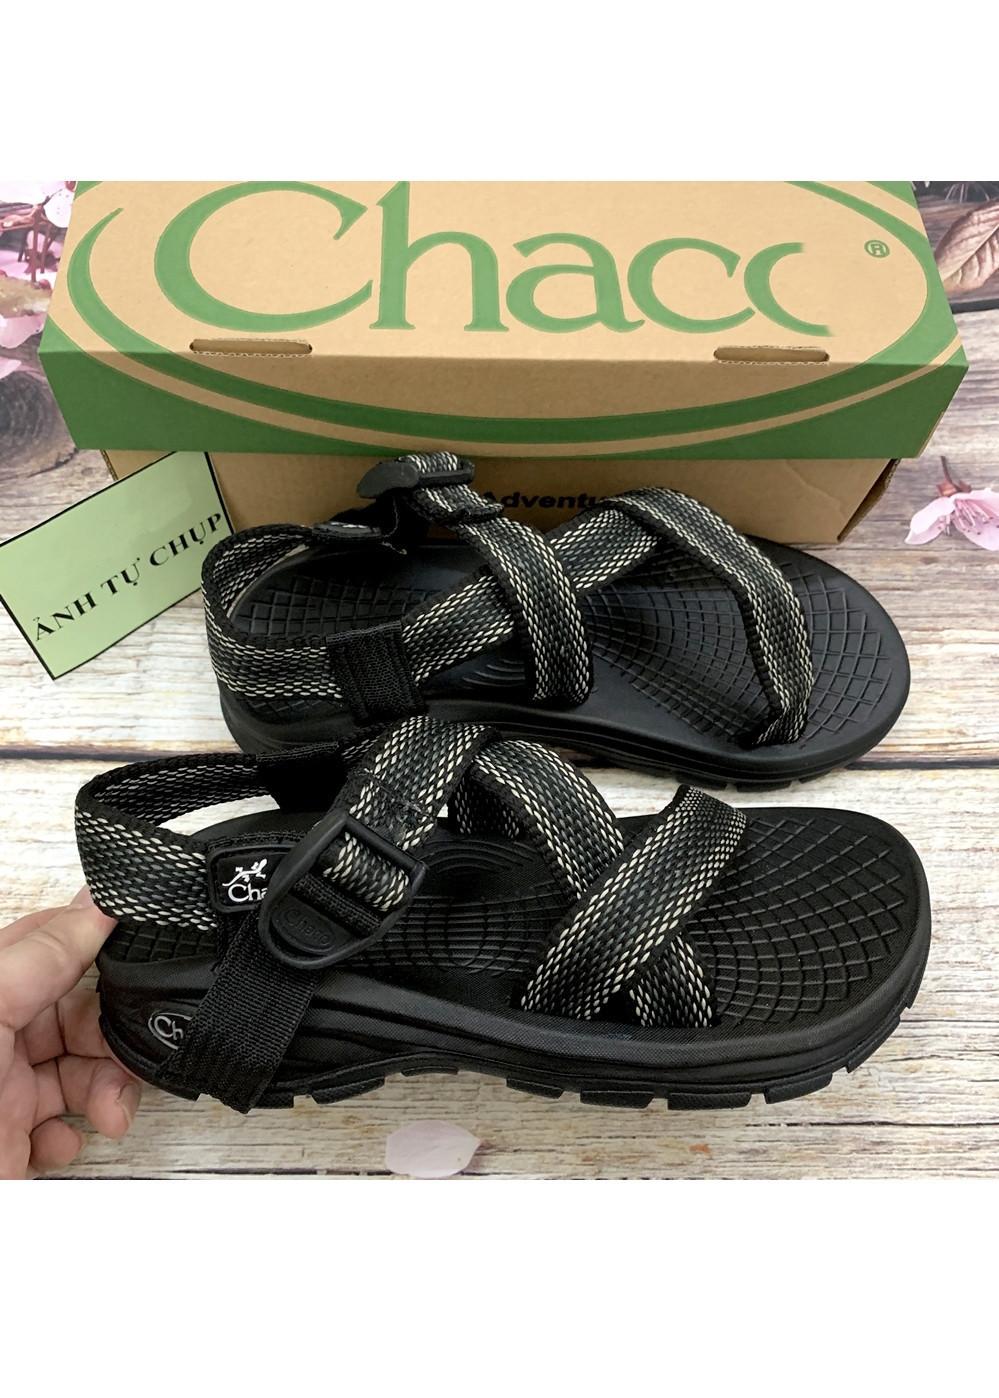 Giày Sandals Nam Cha Co Thằn Lằn Mã D109 Ảnh Thật